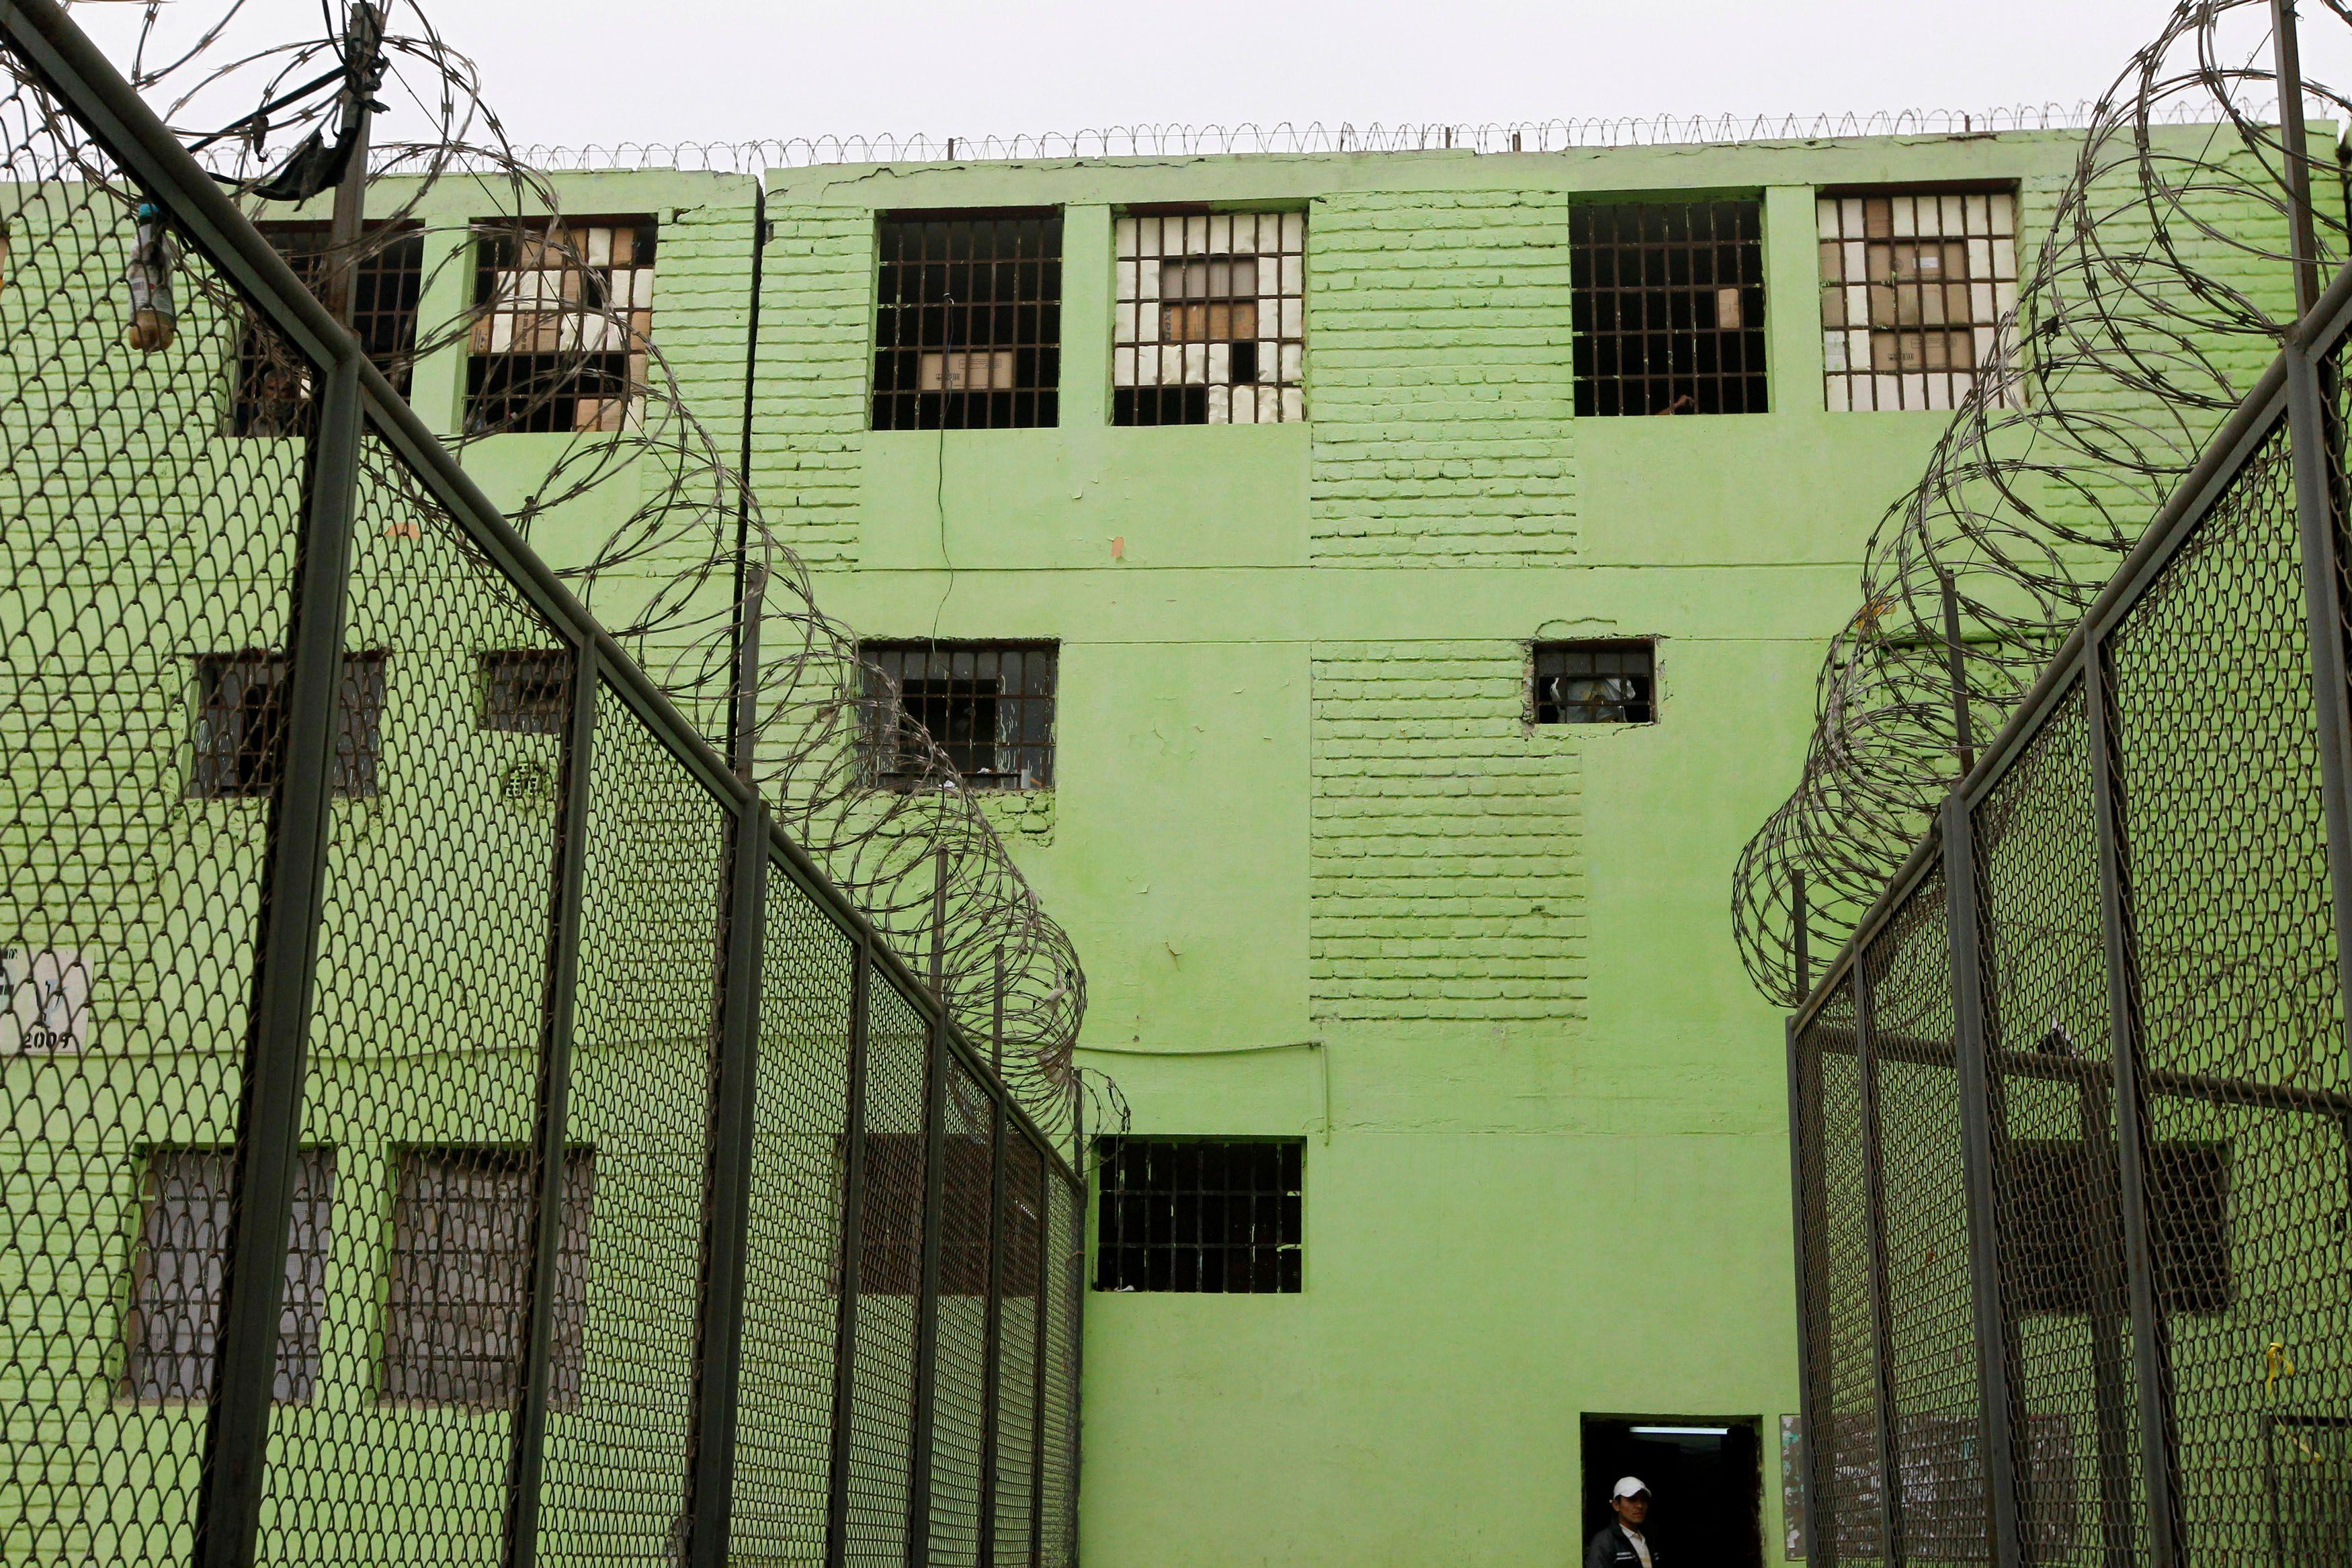 Les viols sur l'enfant de quatre ans avaient lieu au parloir de la prison de Toul